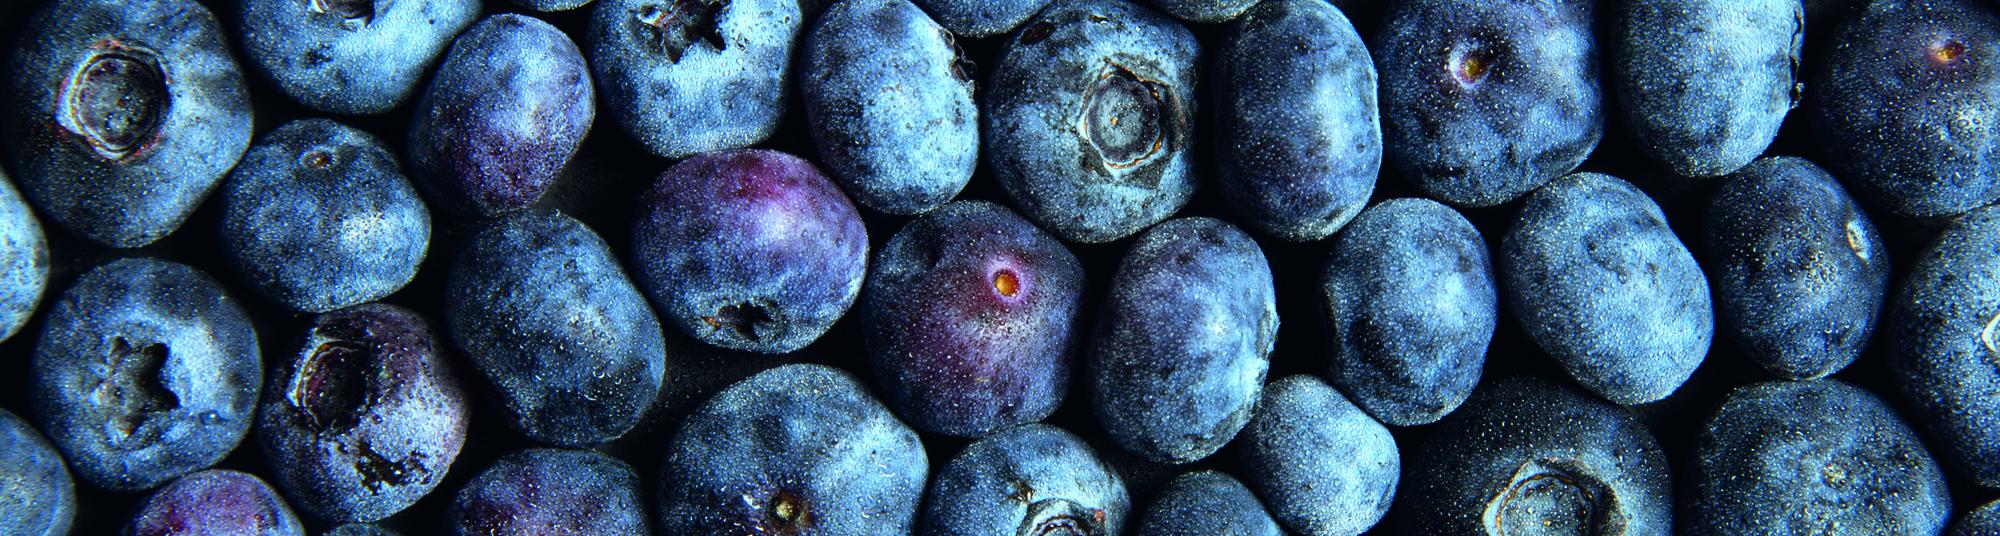 Header, blåbær, lille